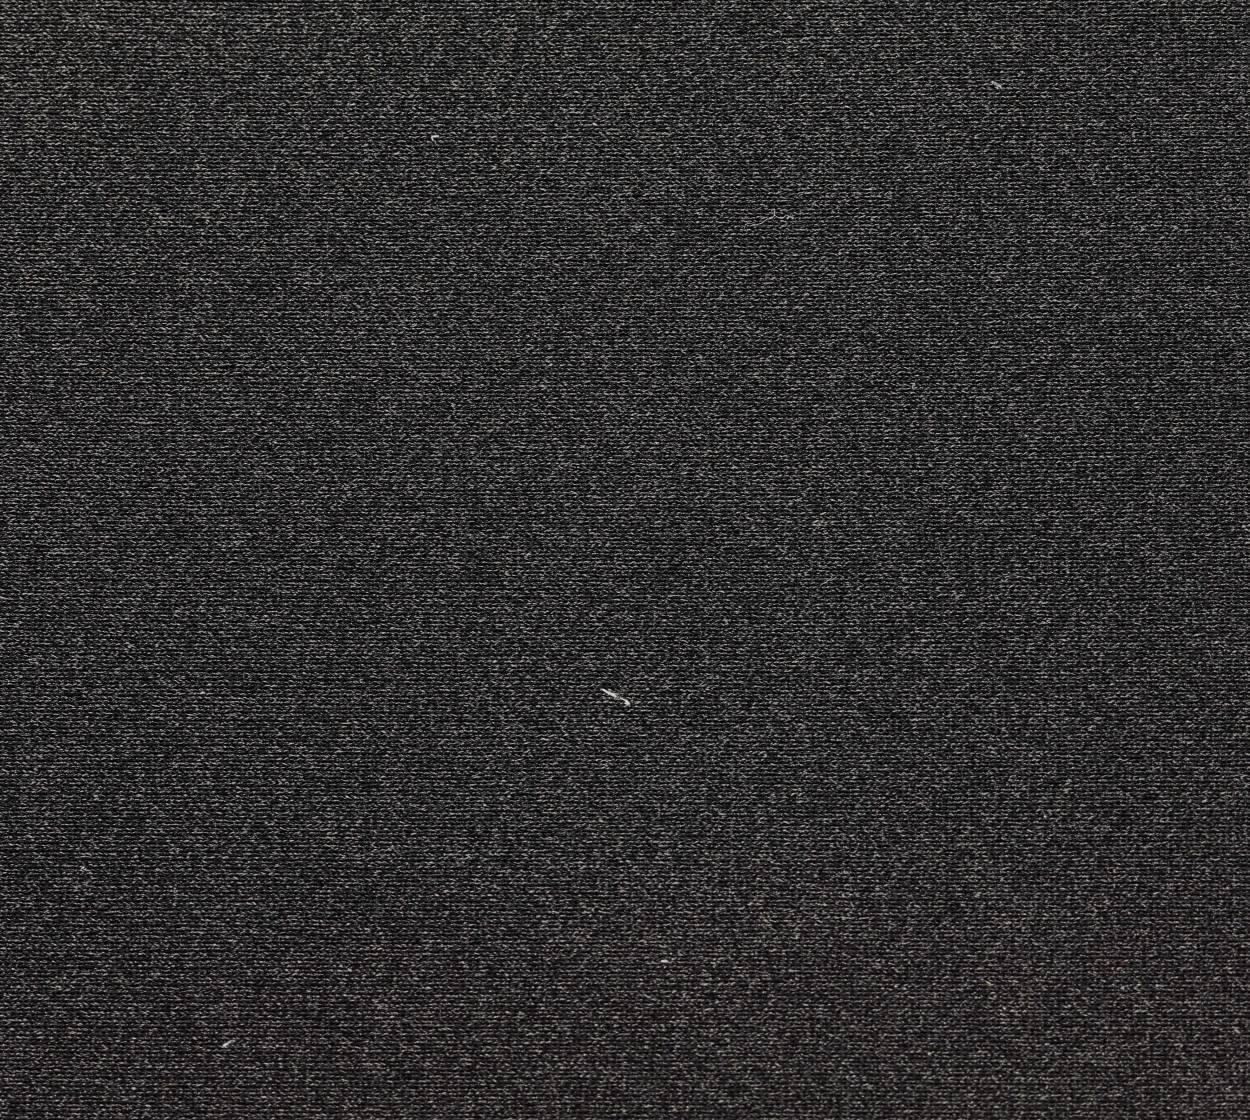 Powerstretch - schwarz, 2 m breit, 5P20 im Stamm online Store München